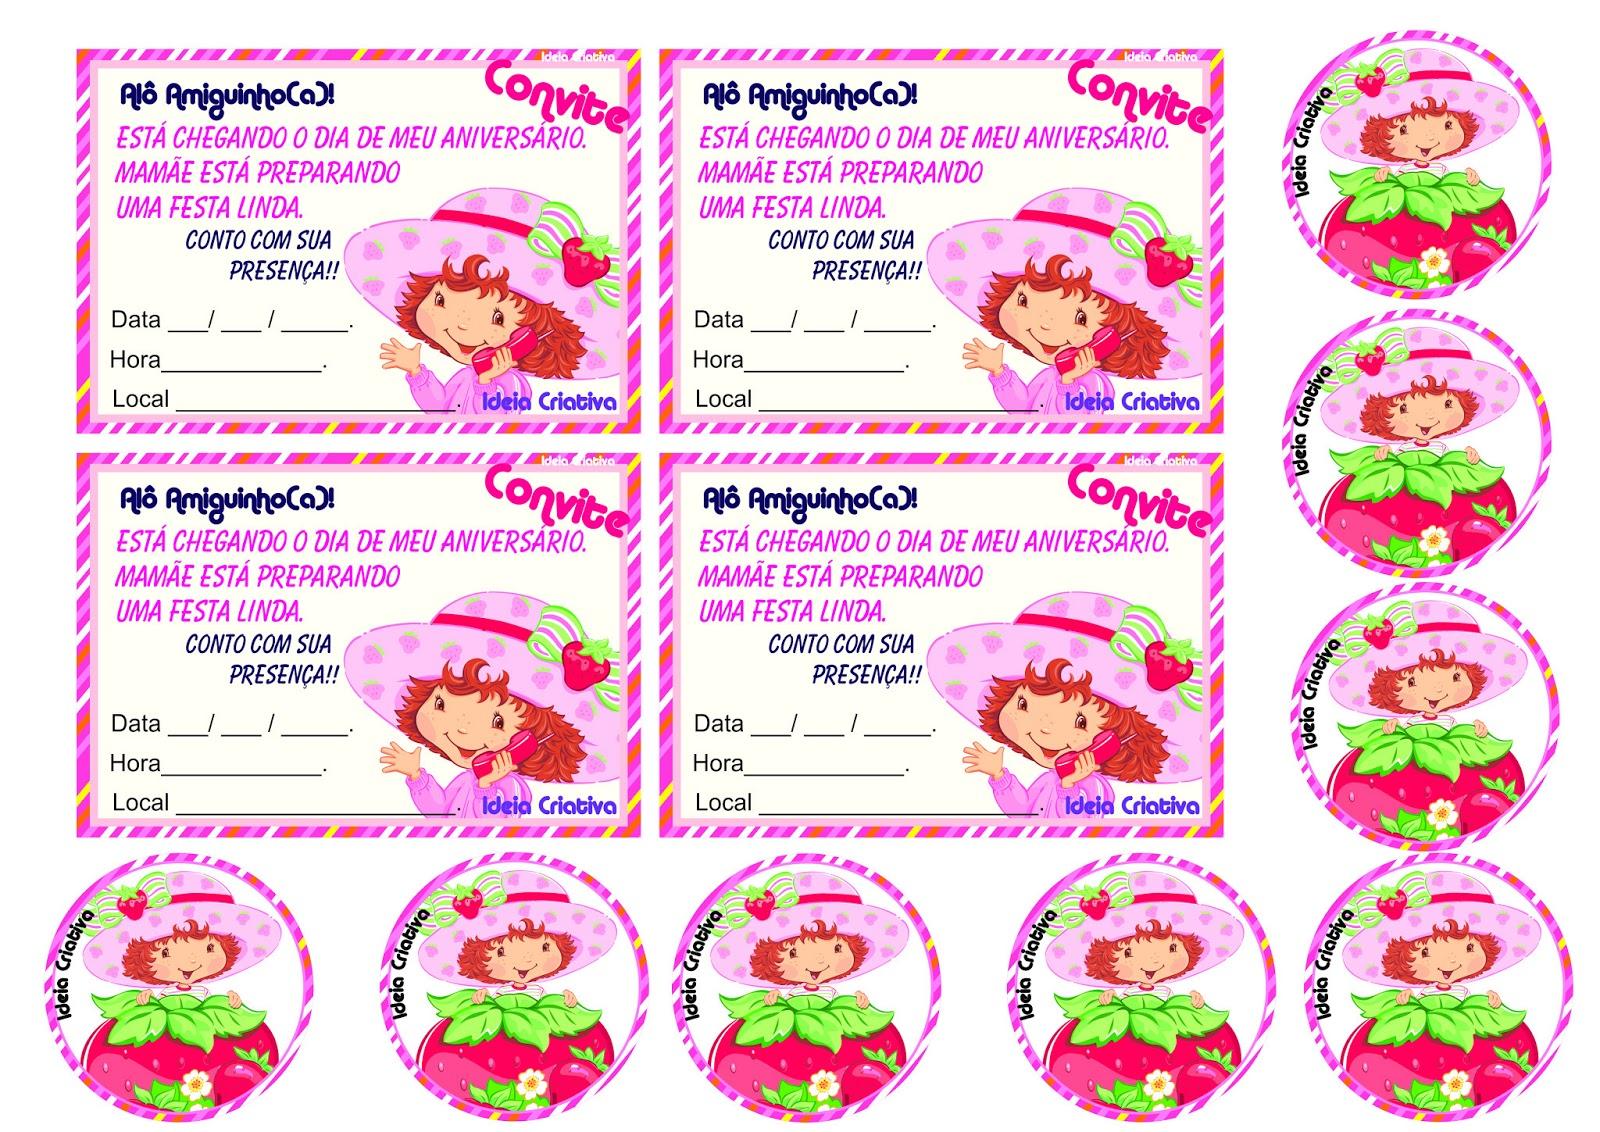 Convite de Aniversário e Toopers  Moranguinho para imprimir Grátis